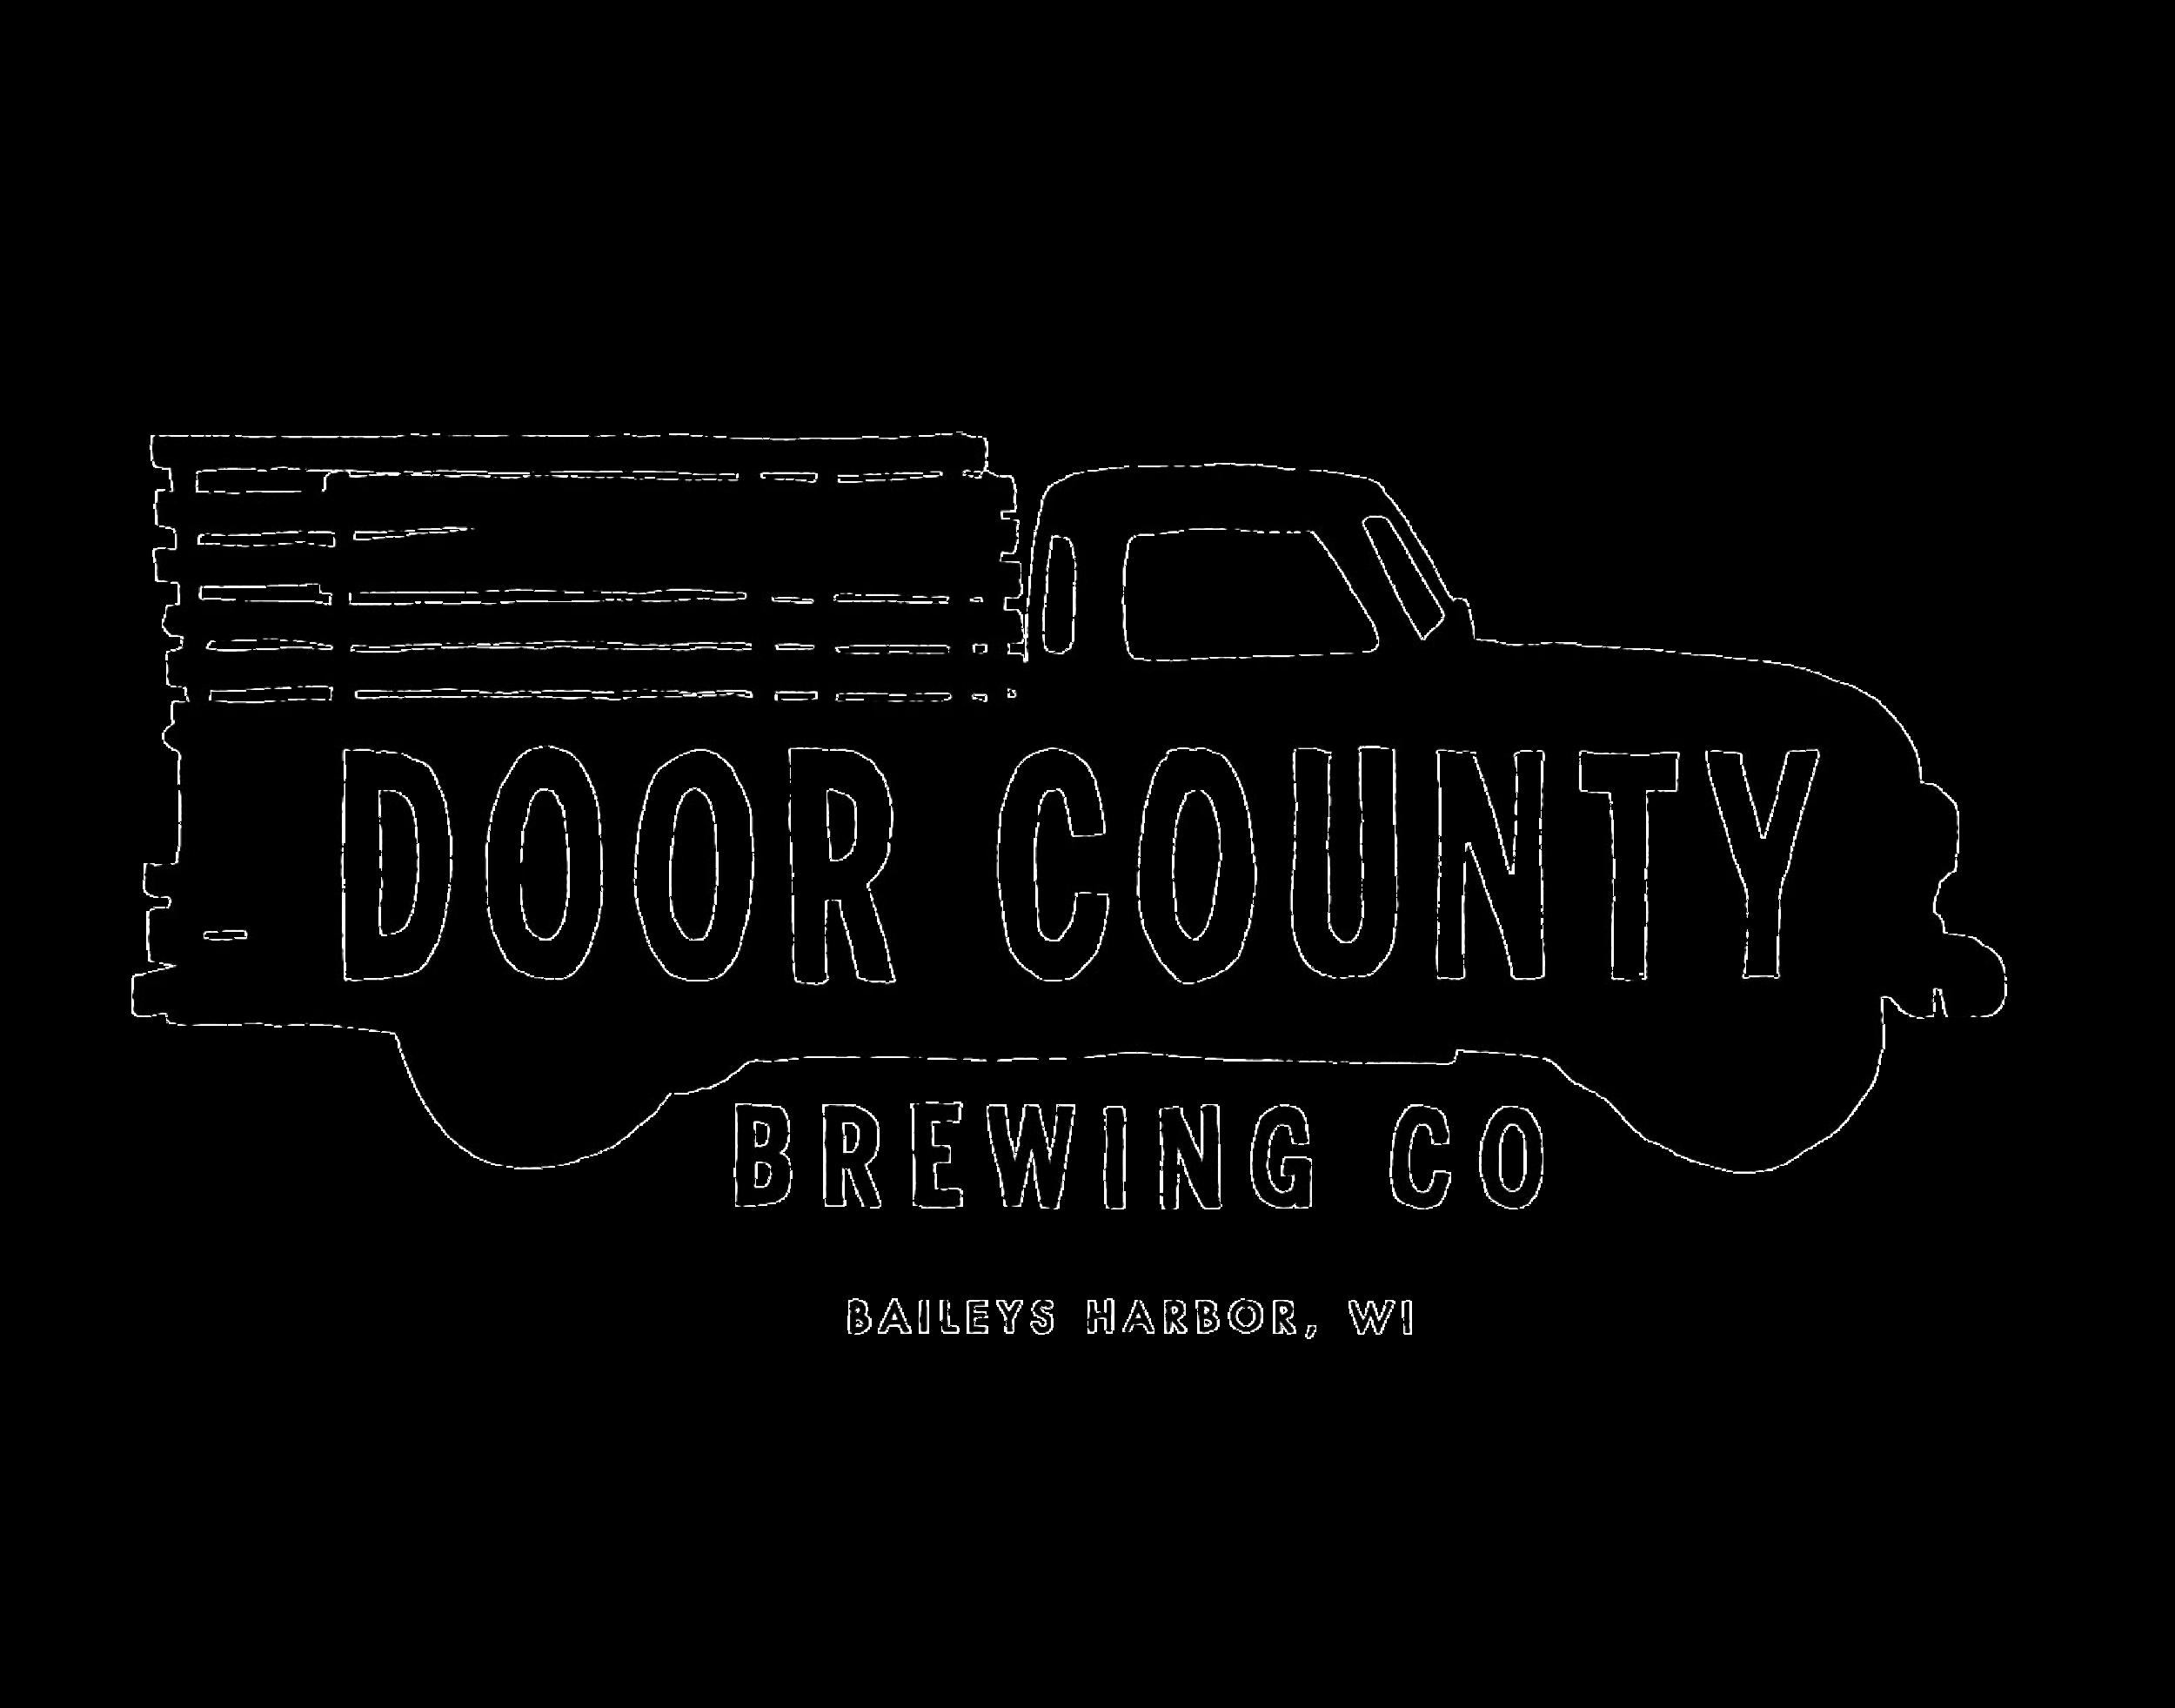 Door County logo. Links to Door County website.